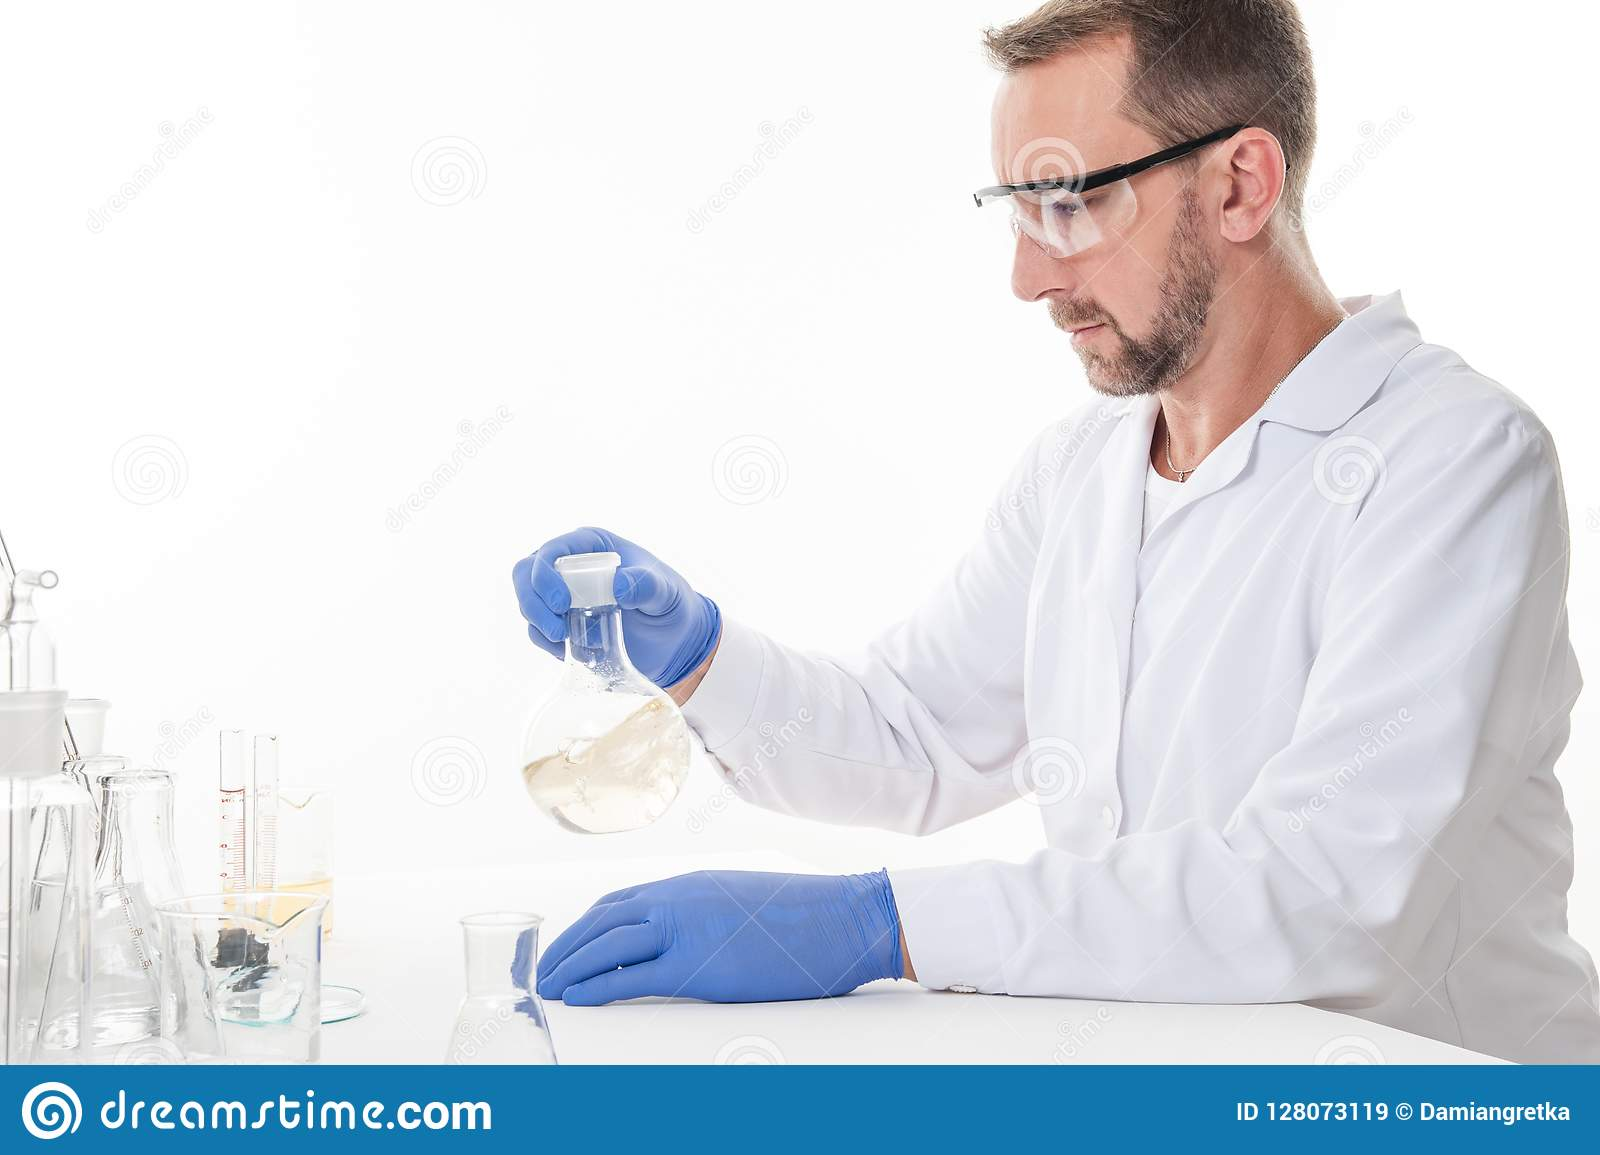 Взгляд человека в лаборатории пока выполнять экспериментирует